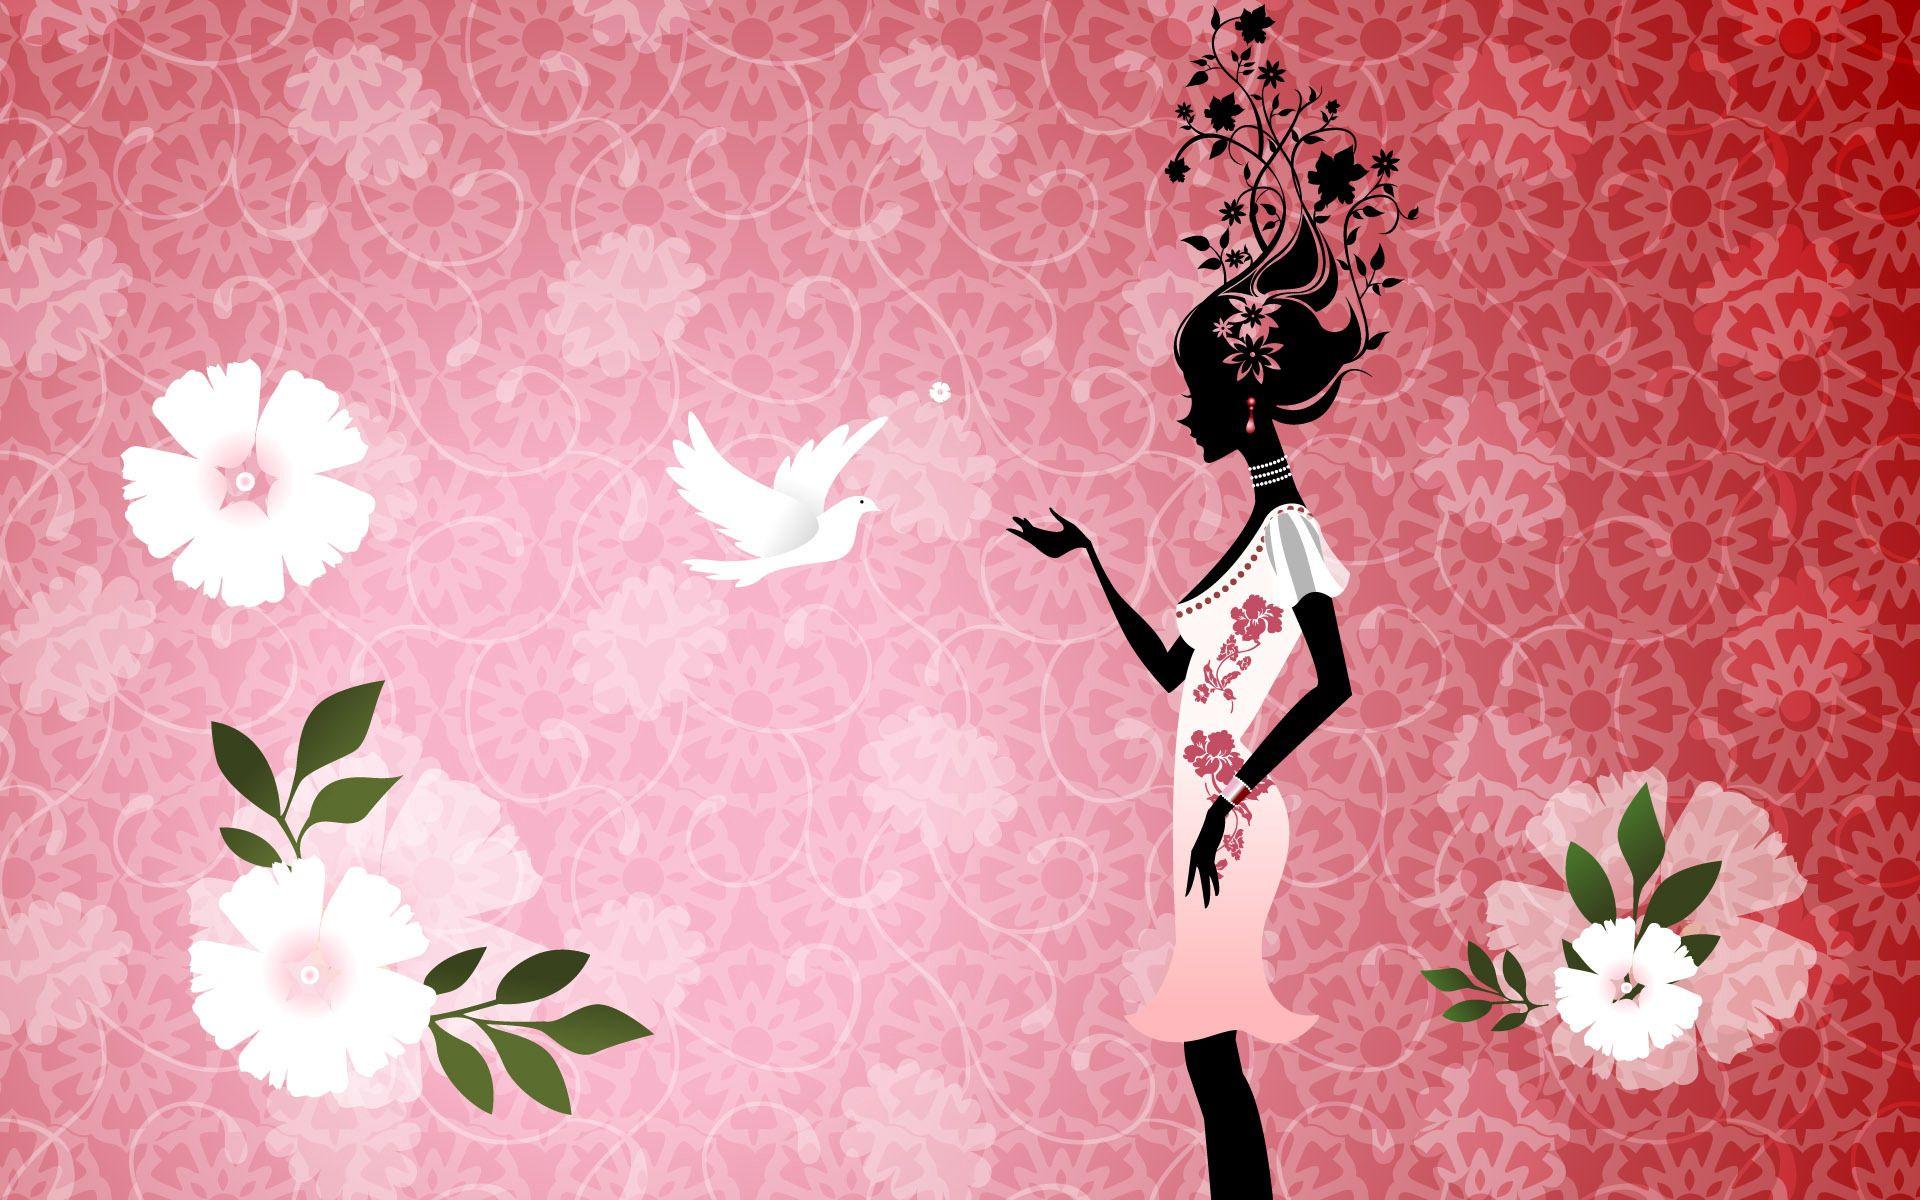 152833 Hintergrundbild herunterladen Blumen, Mädchen, Vektor, Silhouette, Vogel, Kleid - Bildschirmschoner und Bilder kostenlos